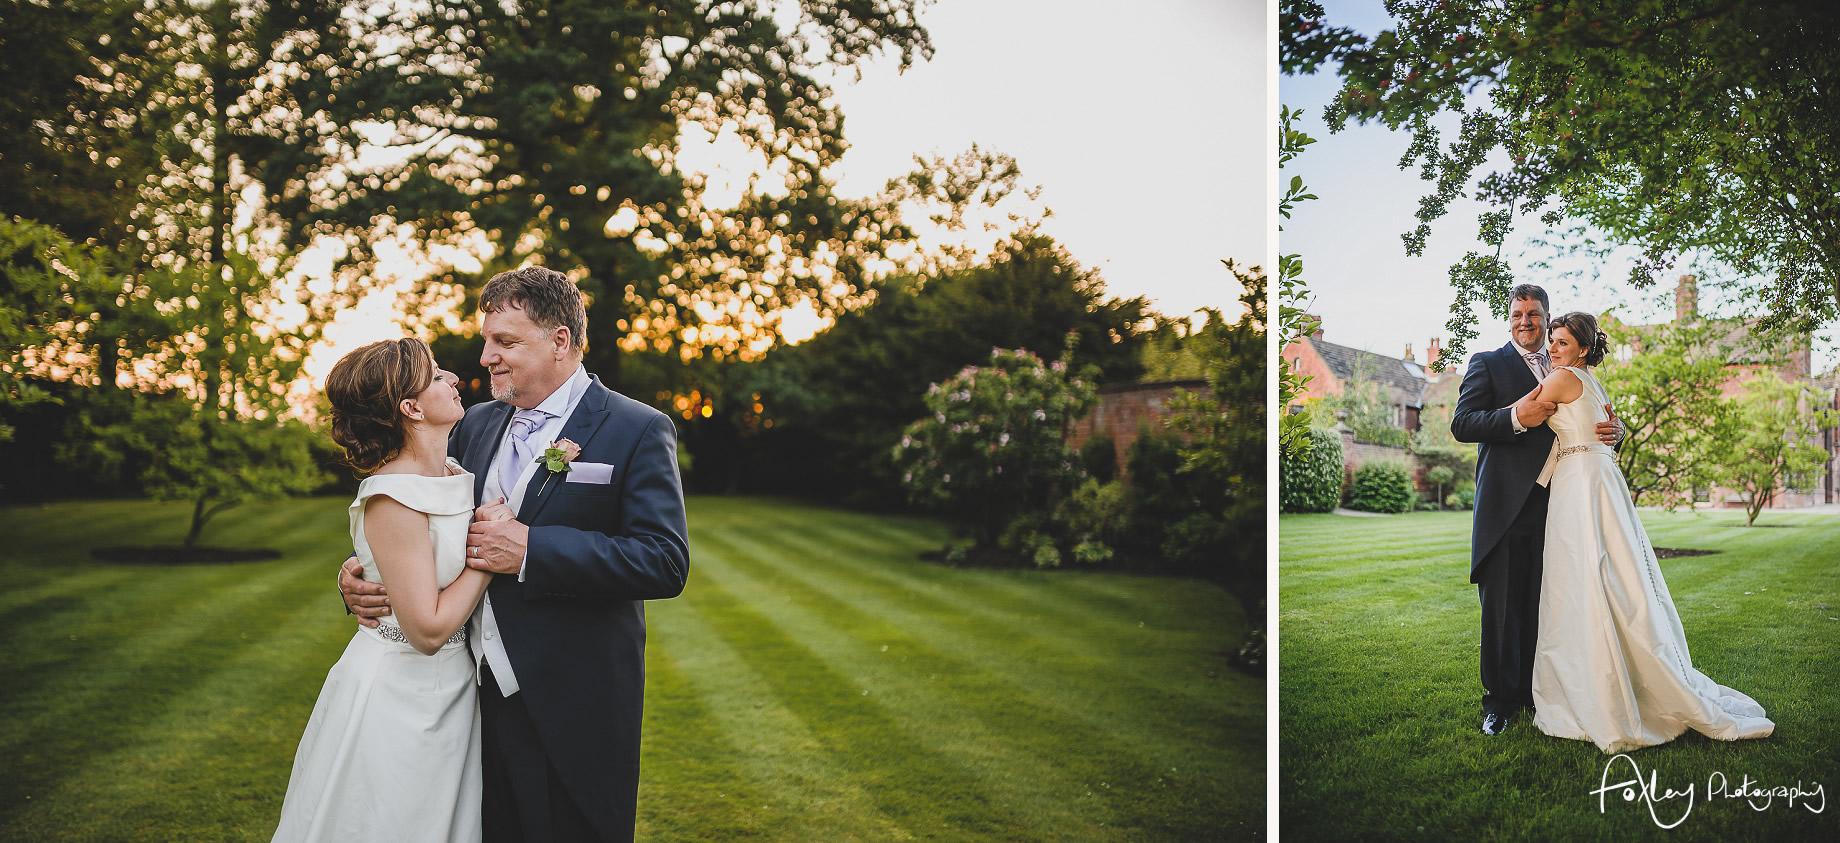 Simona-and-Robert-Wedding-at-Colshaw-Hall-147